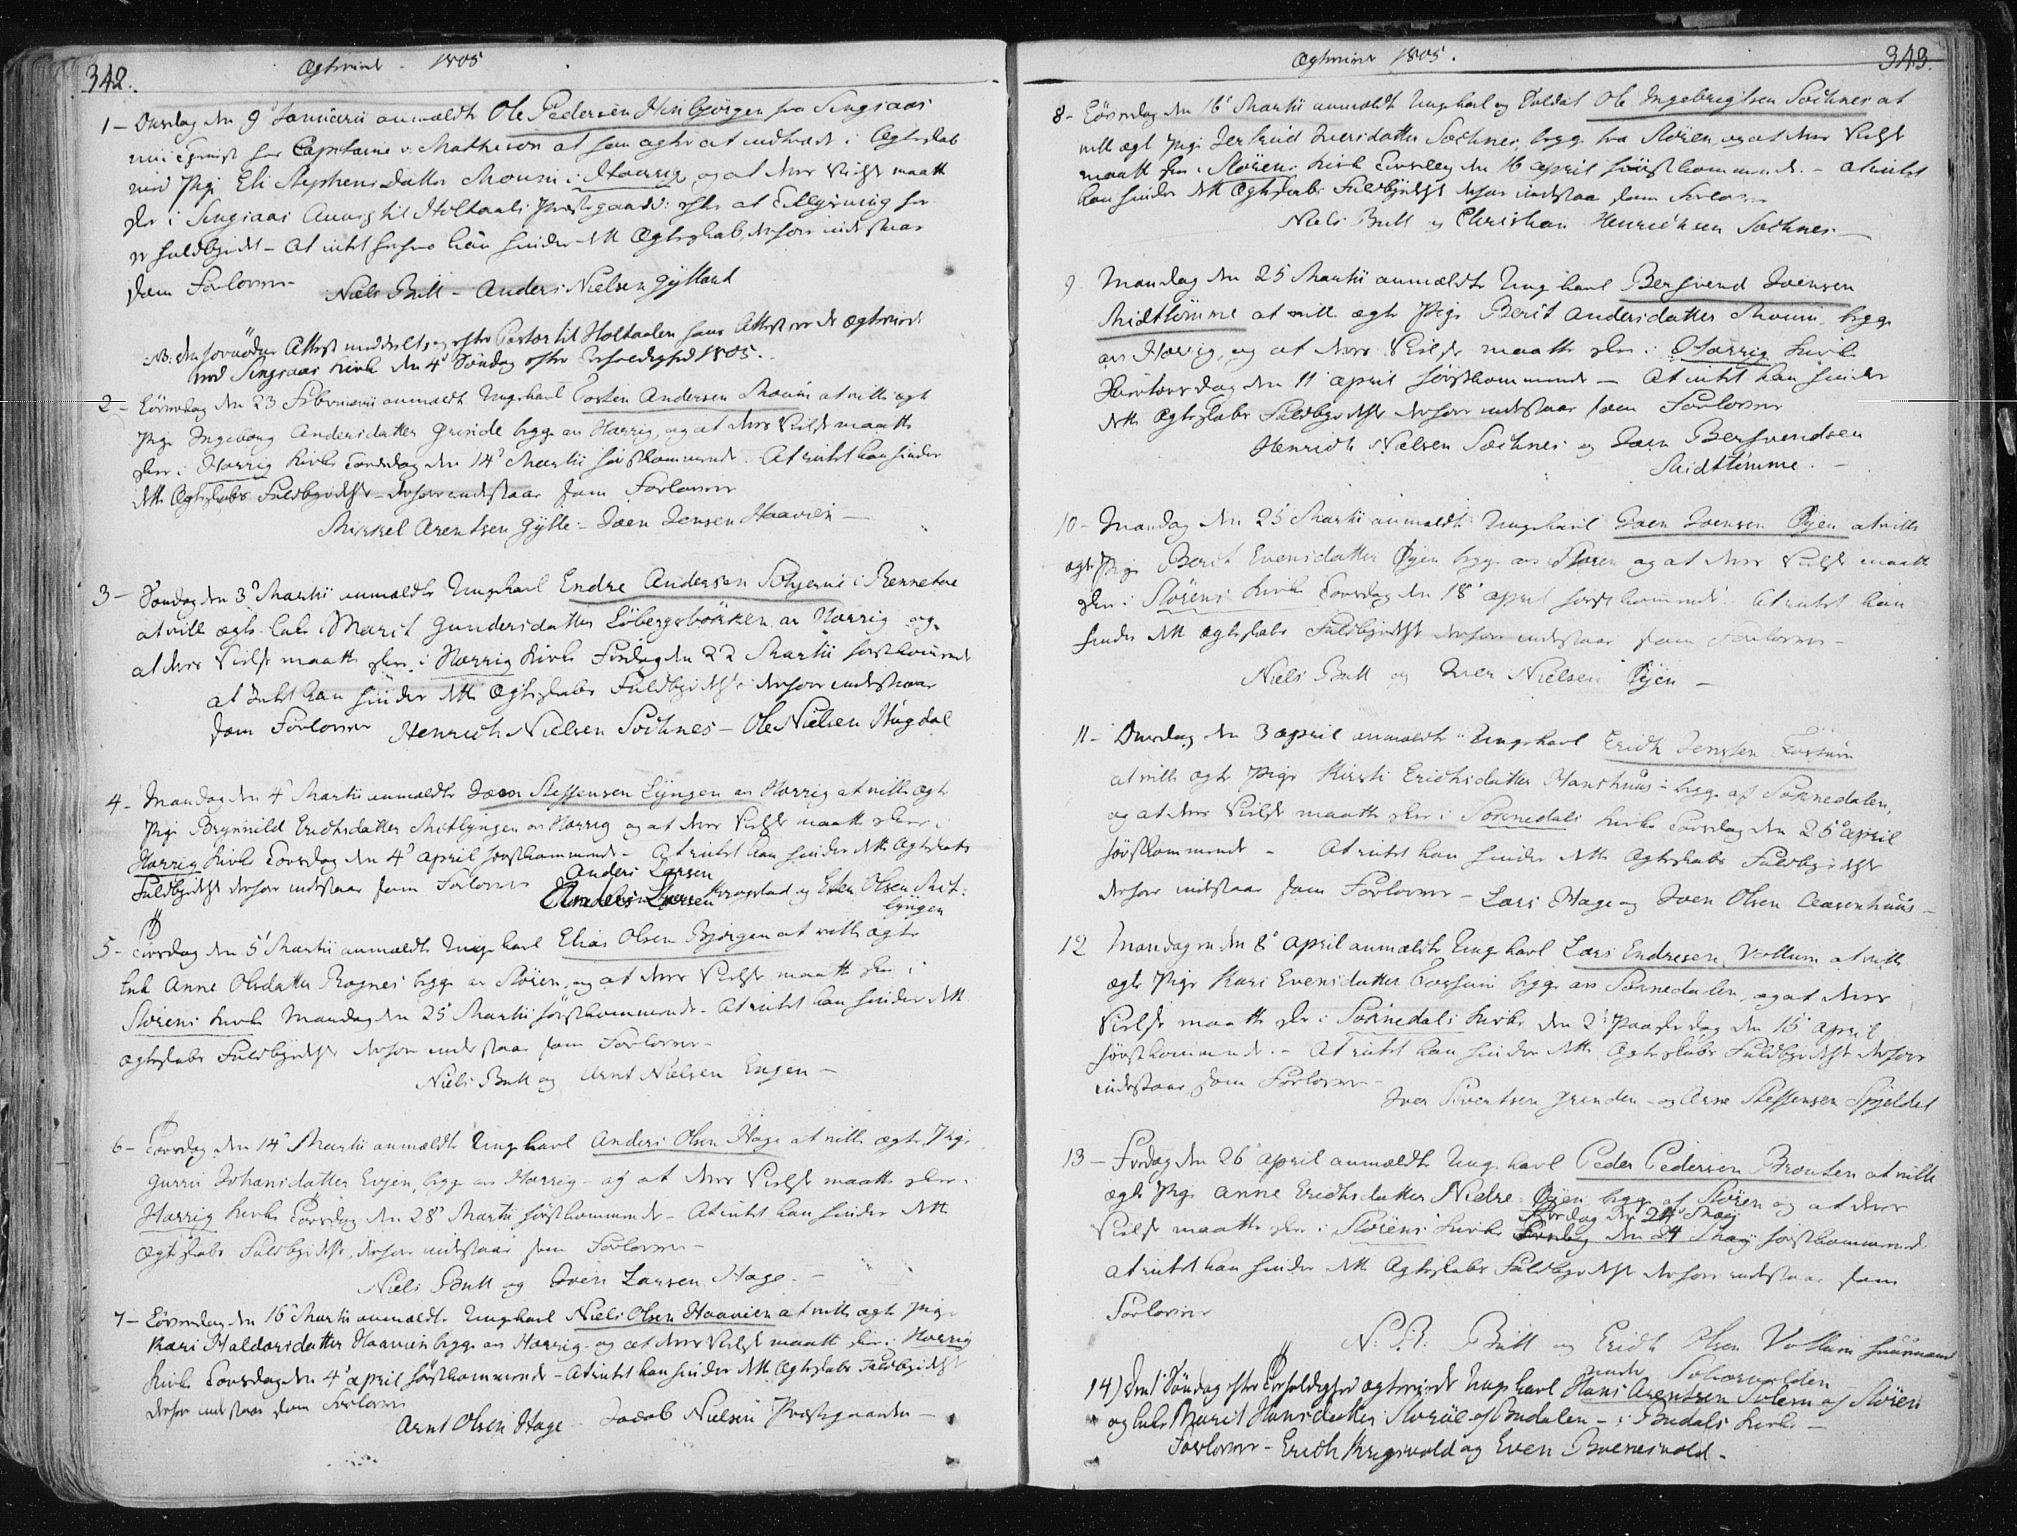 SAT, Ministerialprotokoller, klokkerbøker og fødselsregistre - Sør-Trøndelag, 687/L0992: Ministerialbok nr. 687A03 /1, 1788-1815, s. 342-343